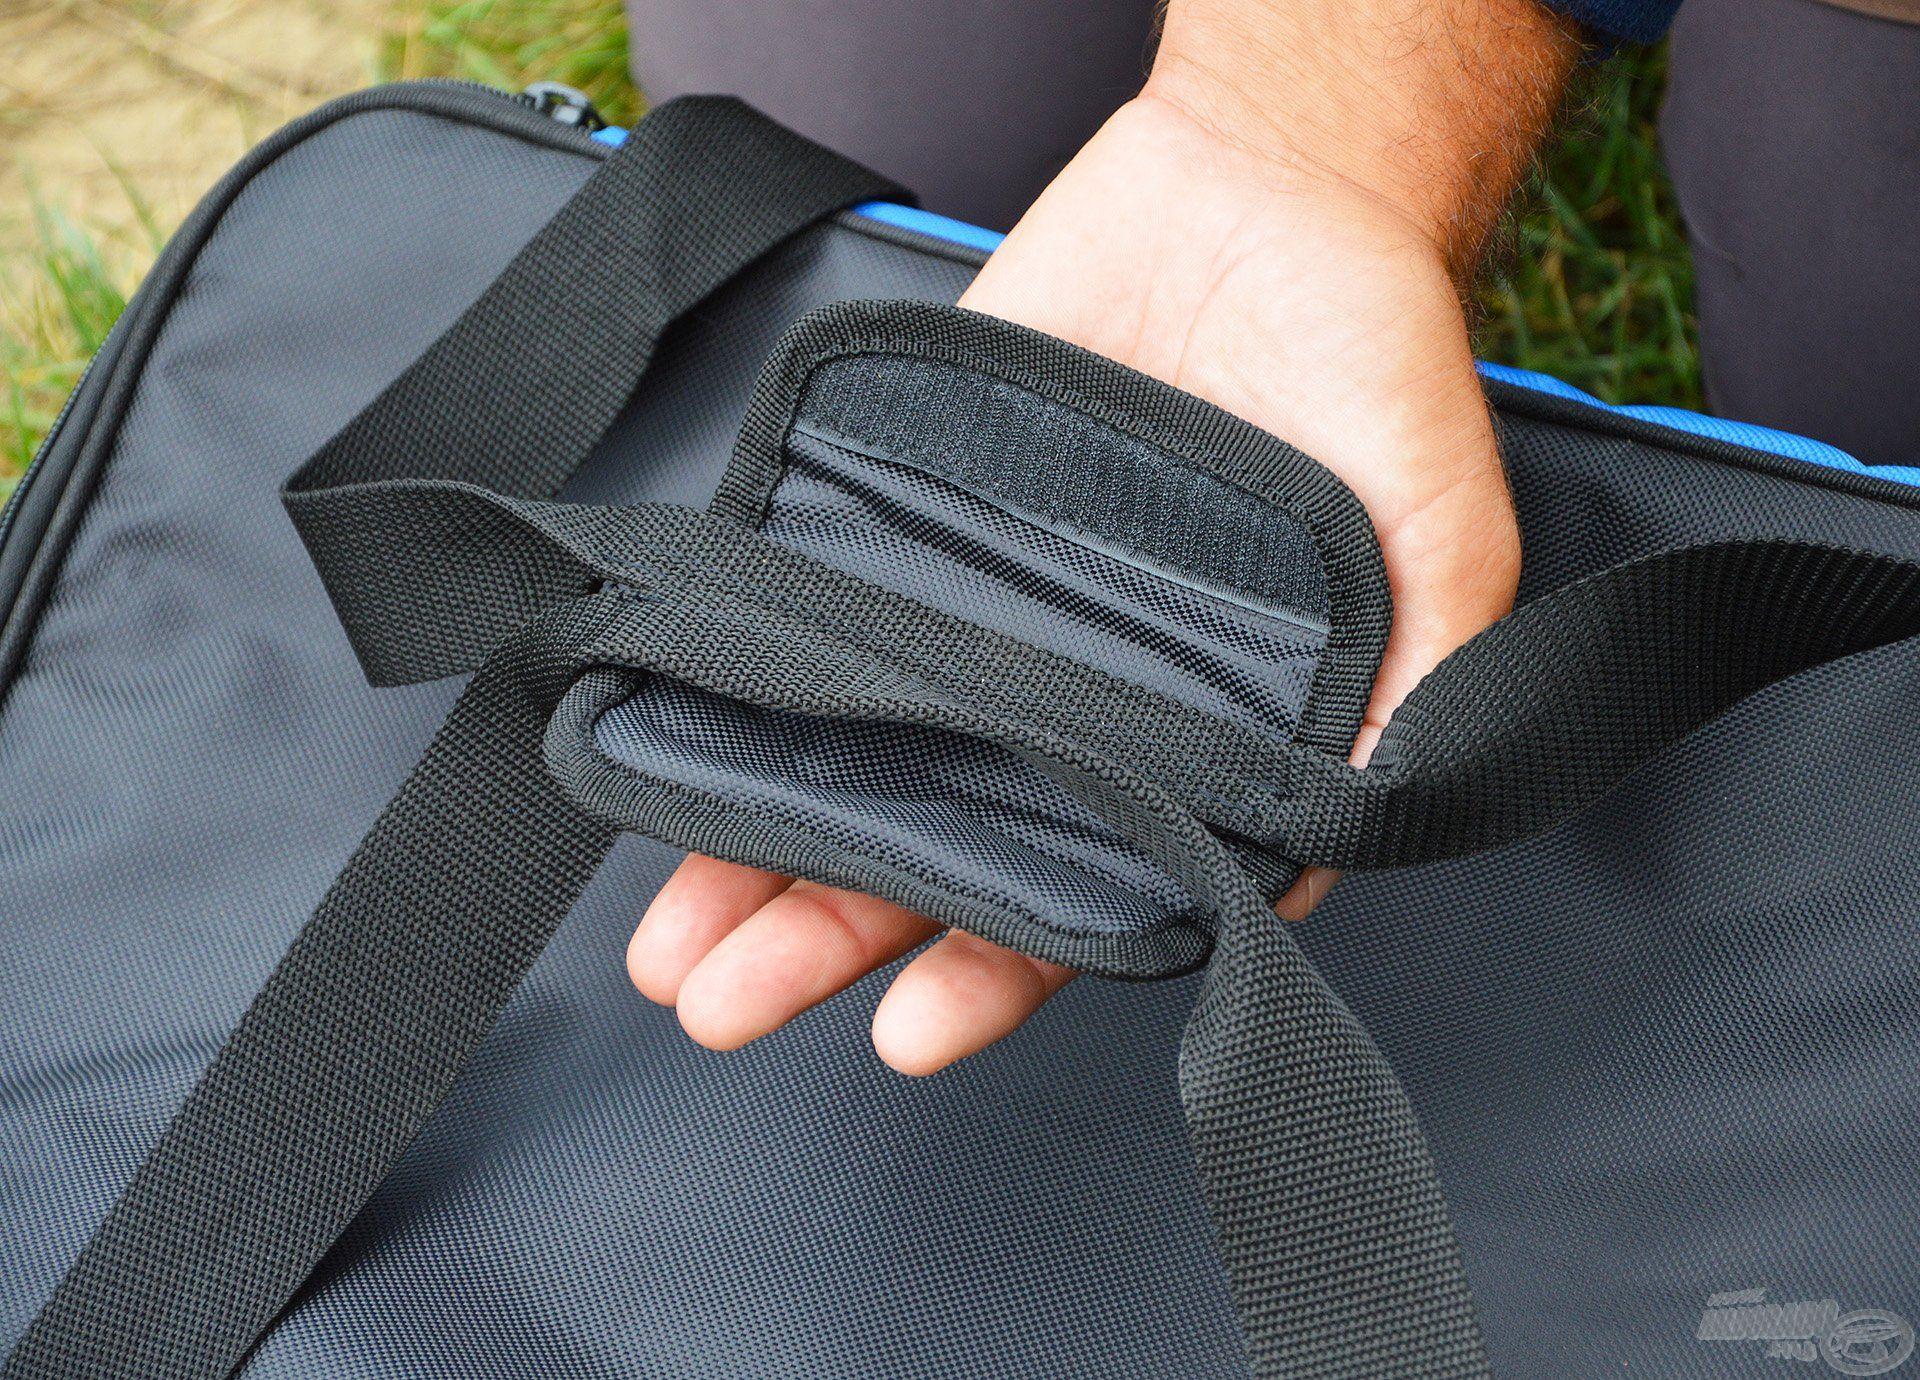 A táska fogantyúja párnázott, így nem vágja be a kezünket akkor sem, ha nehezebb cuccokkal pakoljuk meg a főrekeszt